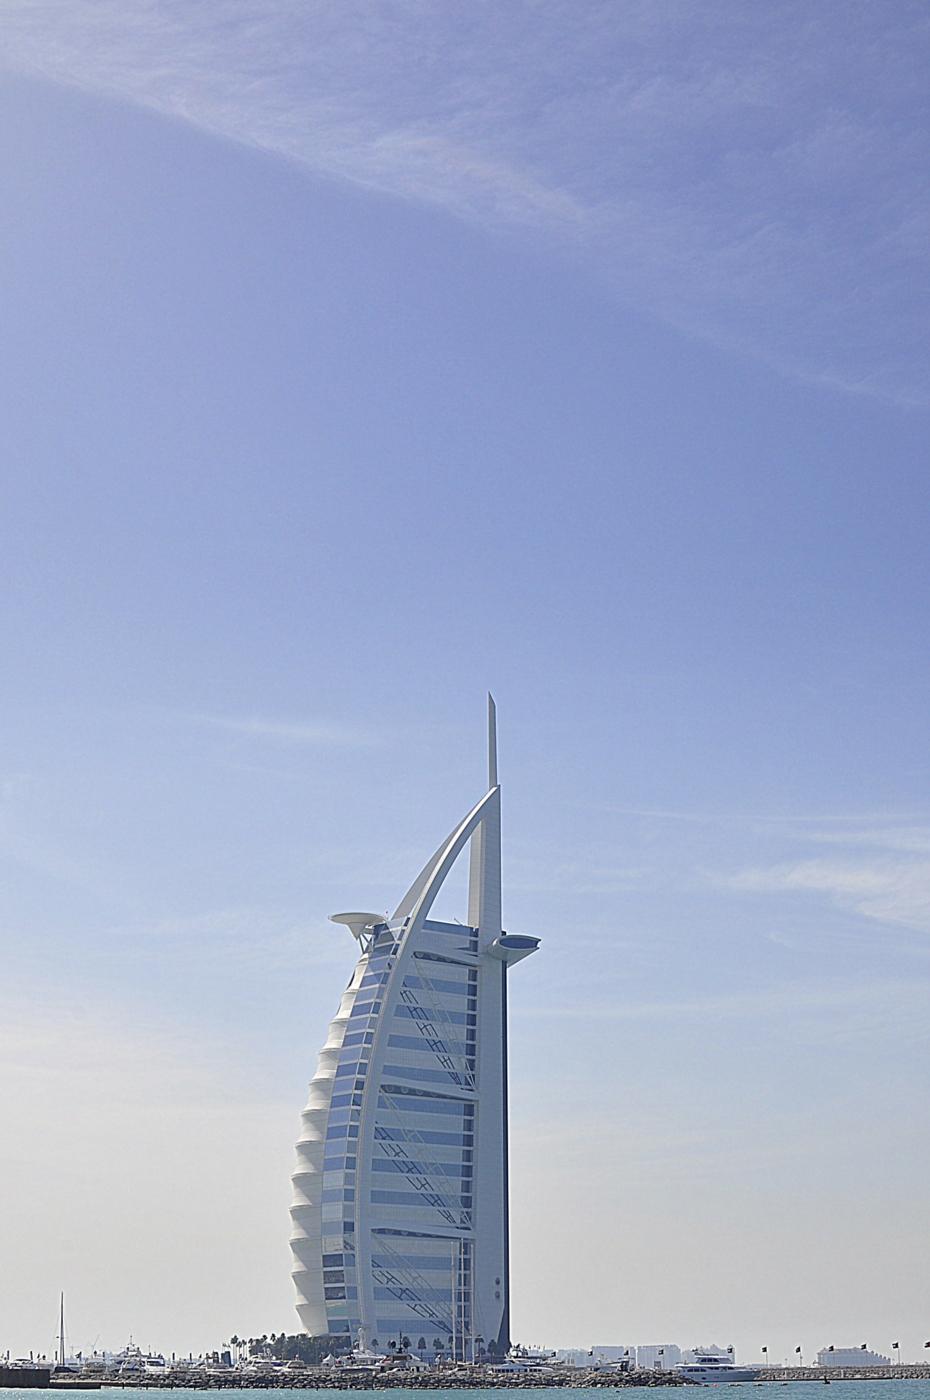 Dubai Skyline - Burj Al Arab